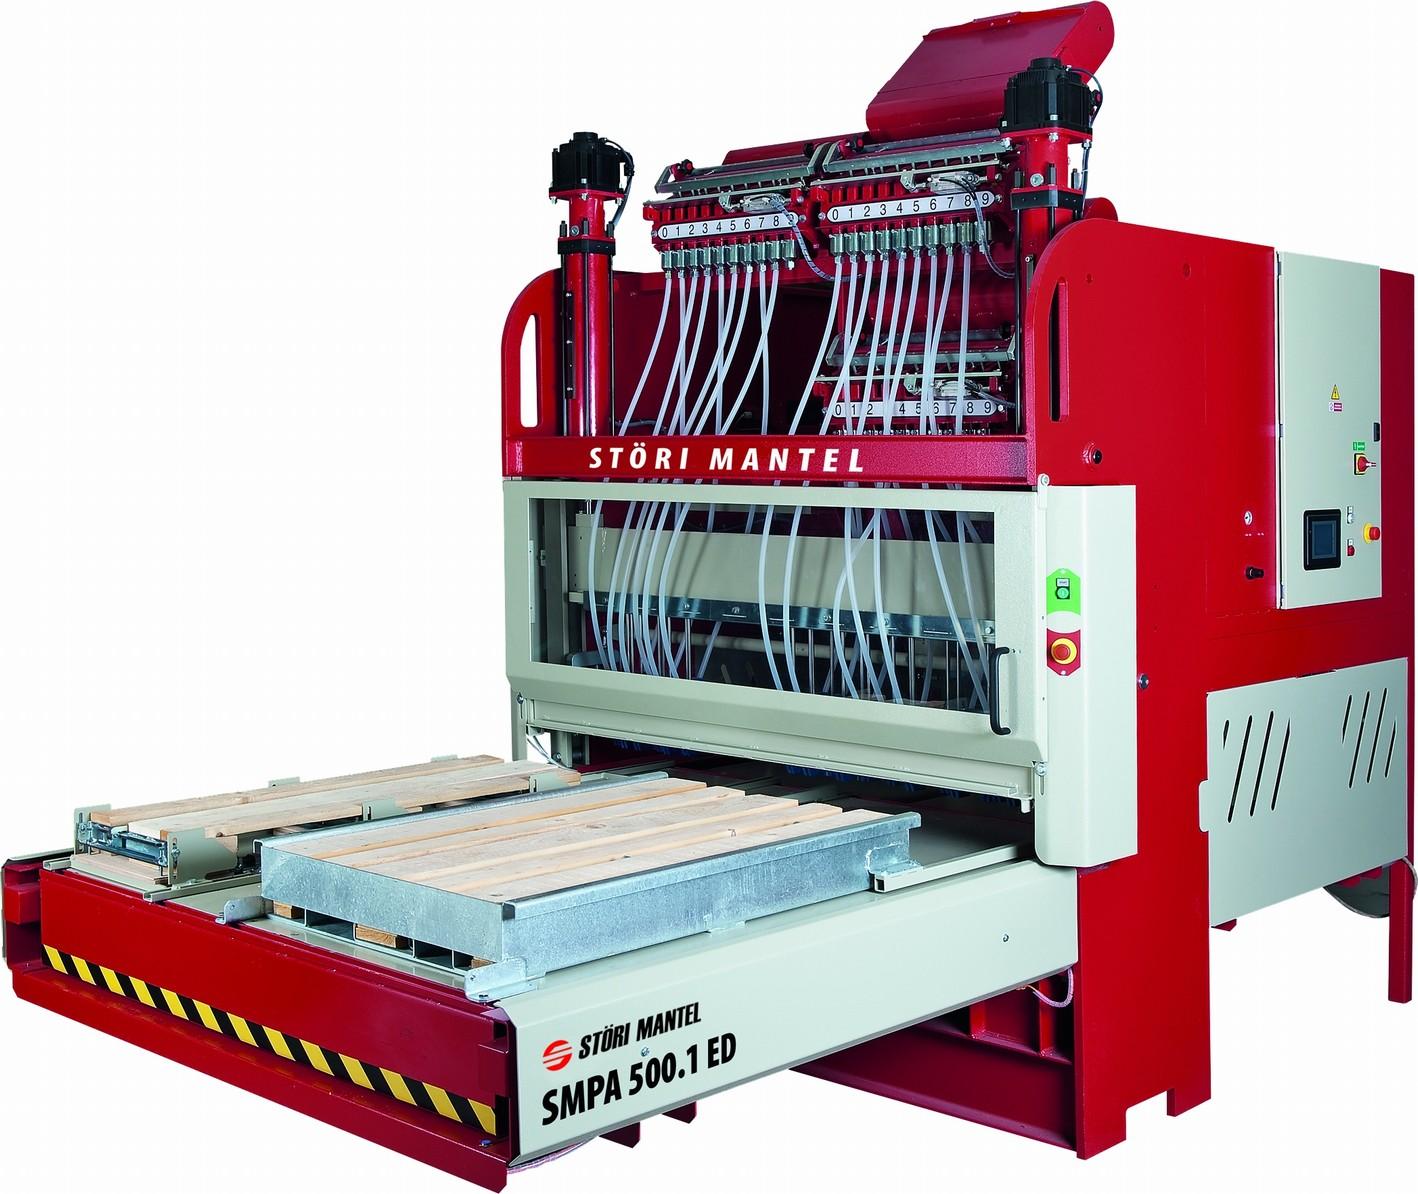 Гвоздезабивной автомат SMPA 500.1 ED (Electric Drive) для производства поддонов